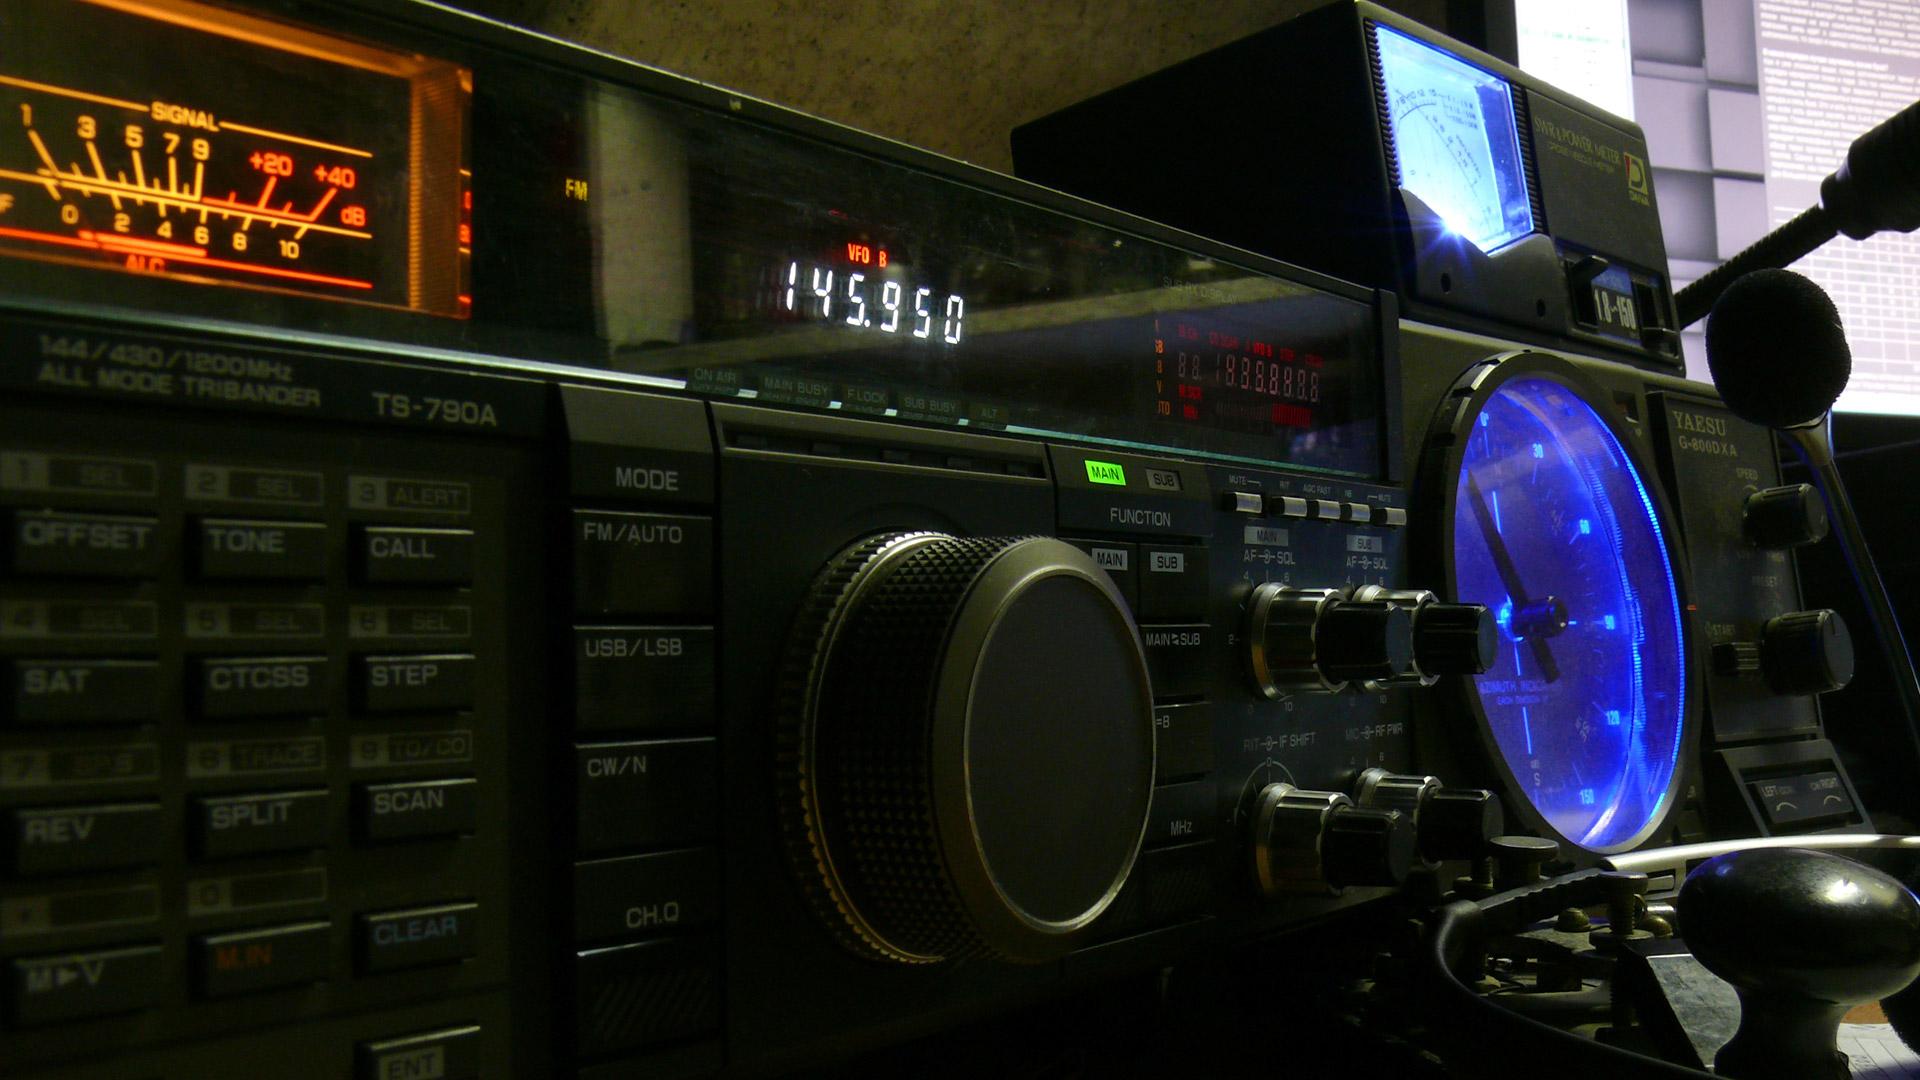 Базовый трансивер УКВ TS790A_1